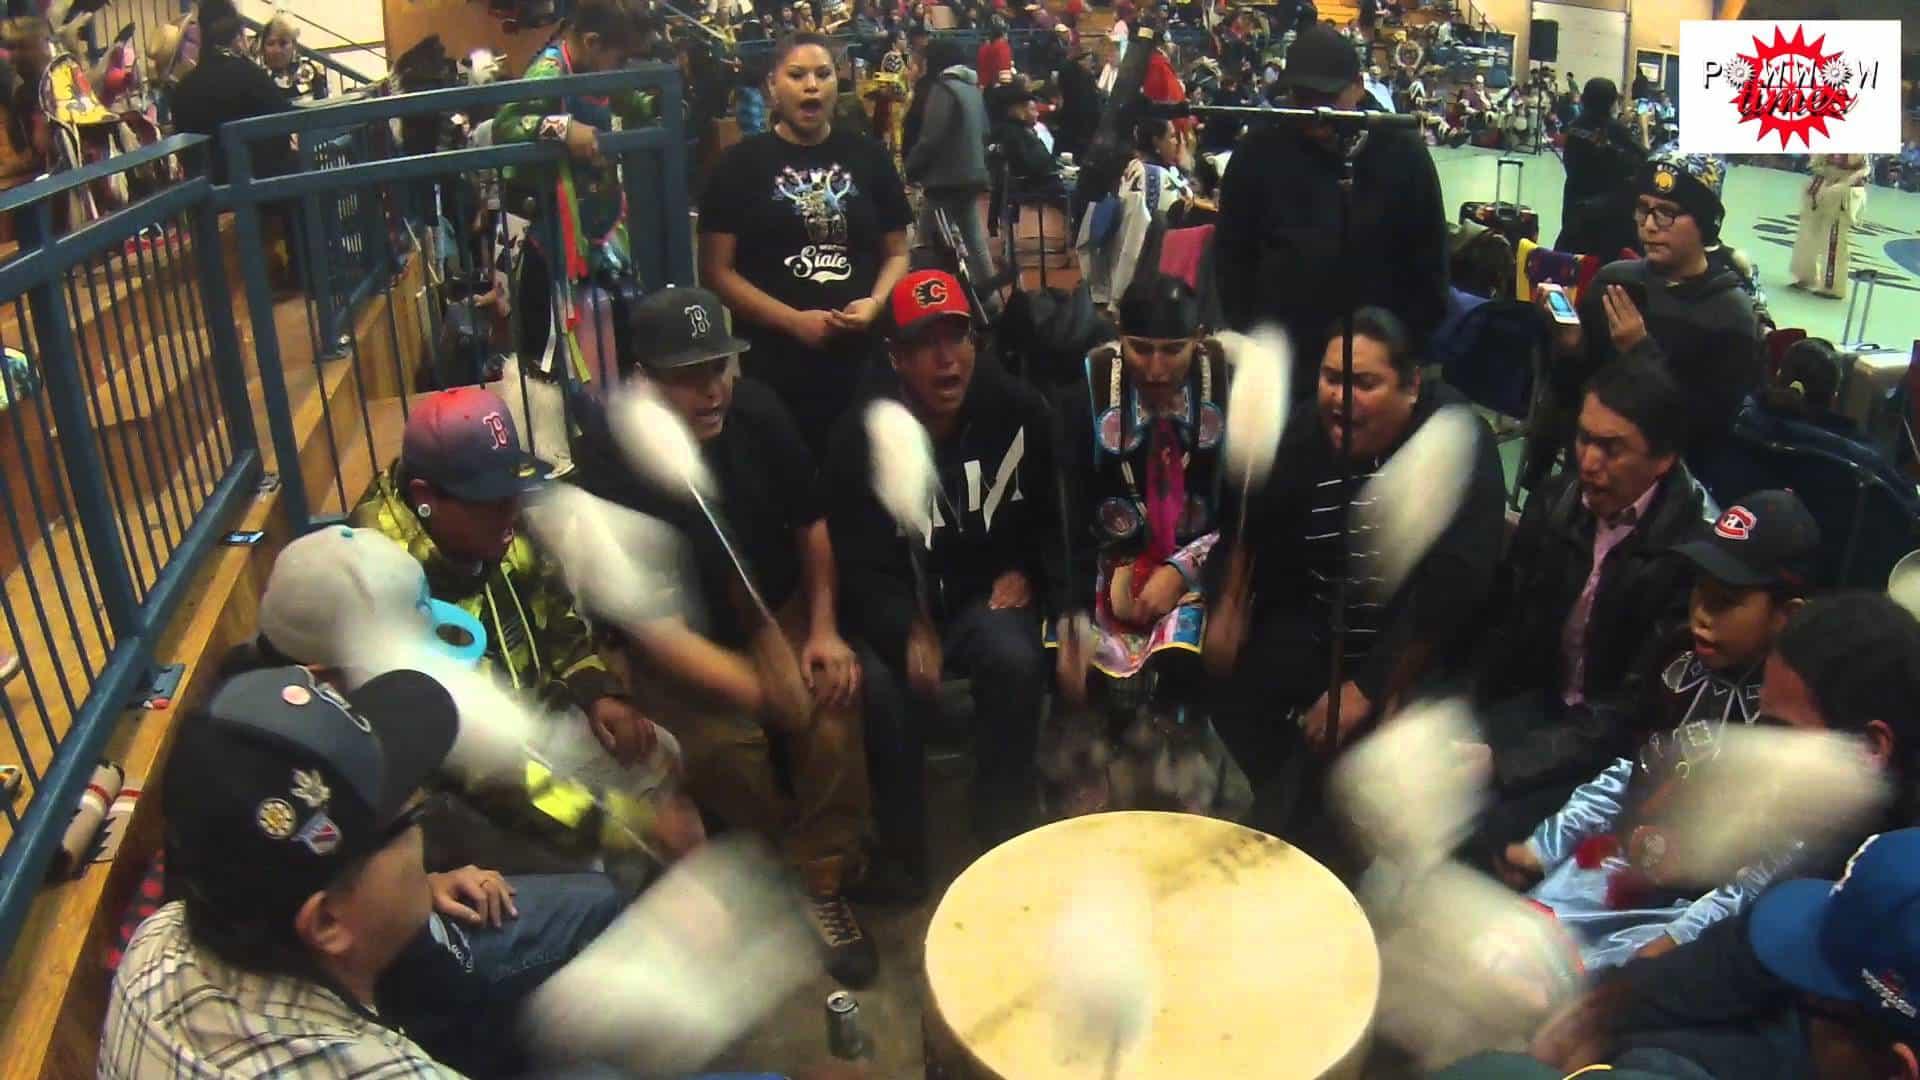 Comunidad indígena exige derecho a usar parques públicos para ceremonias tradicionales en Toronto